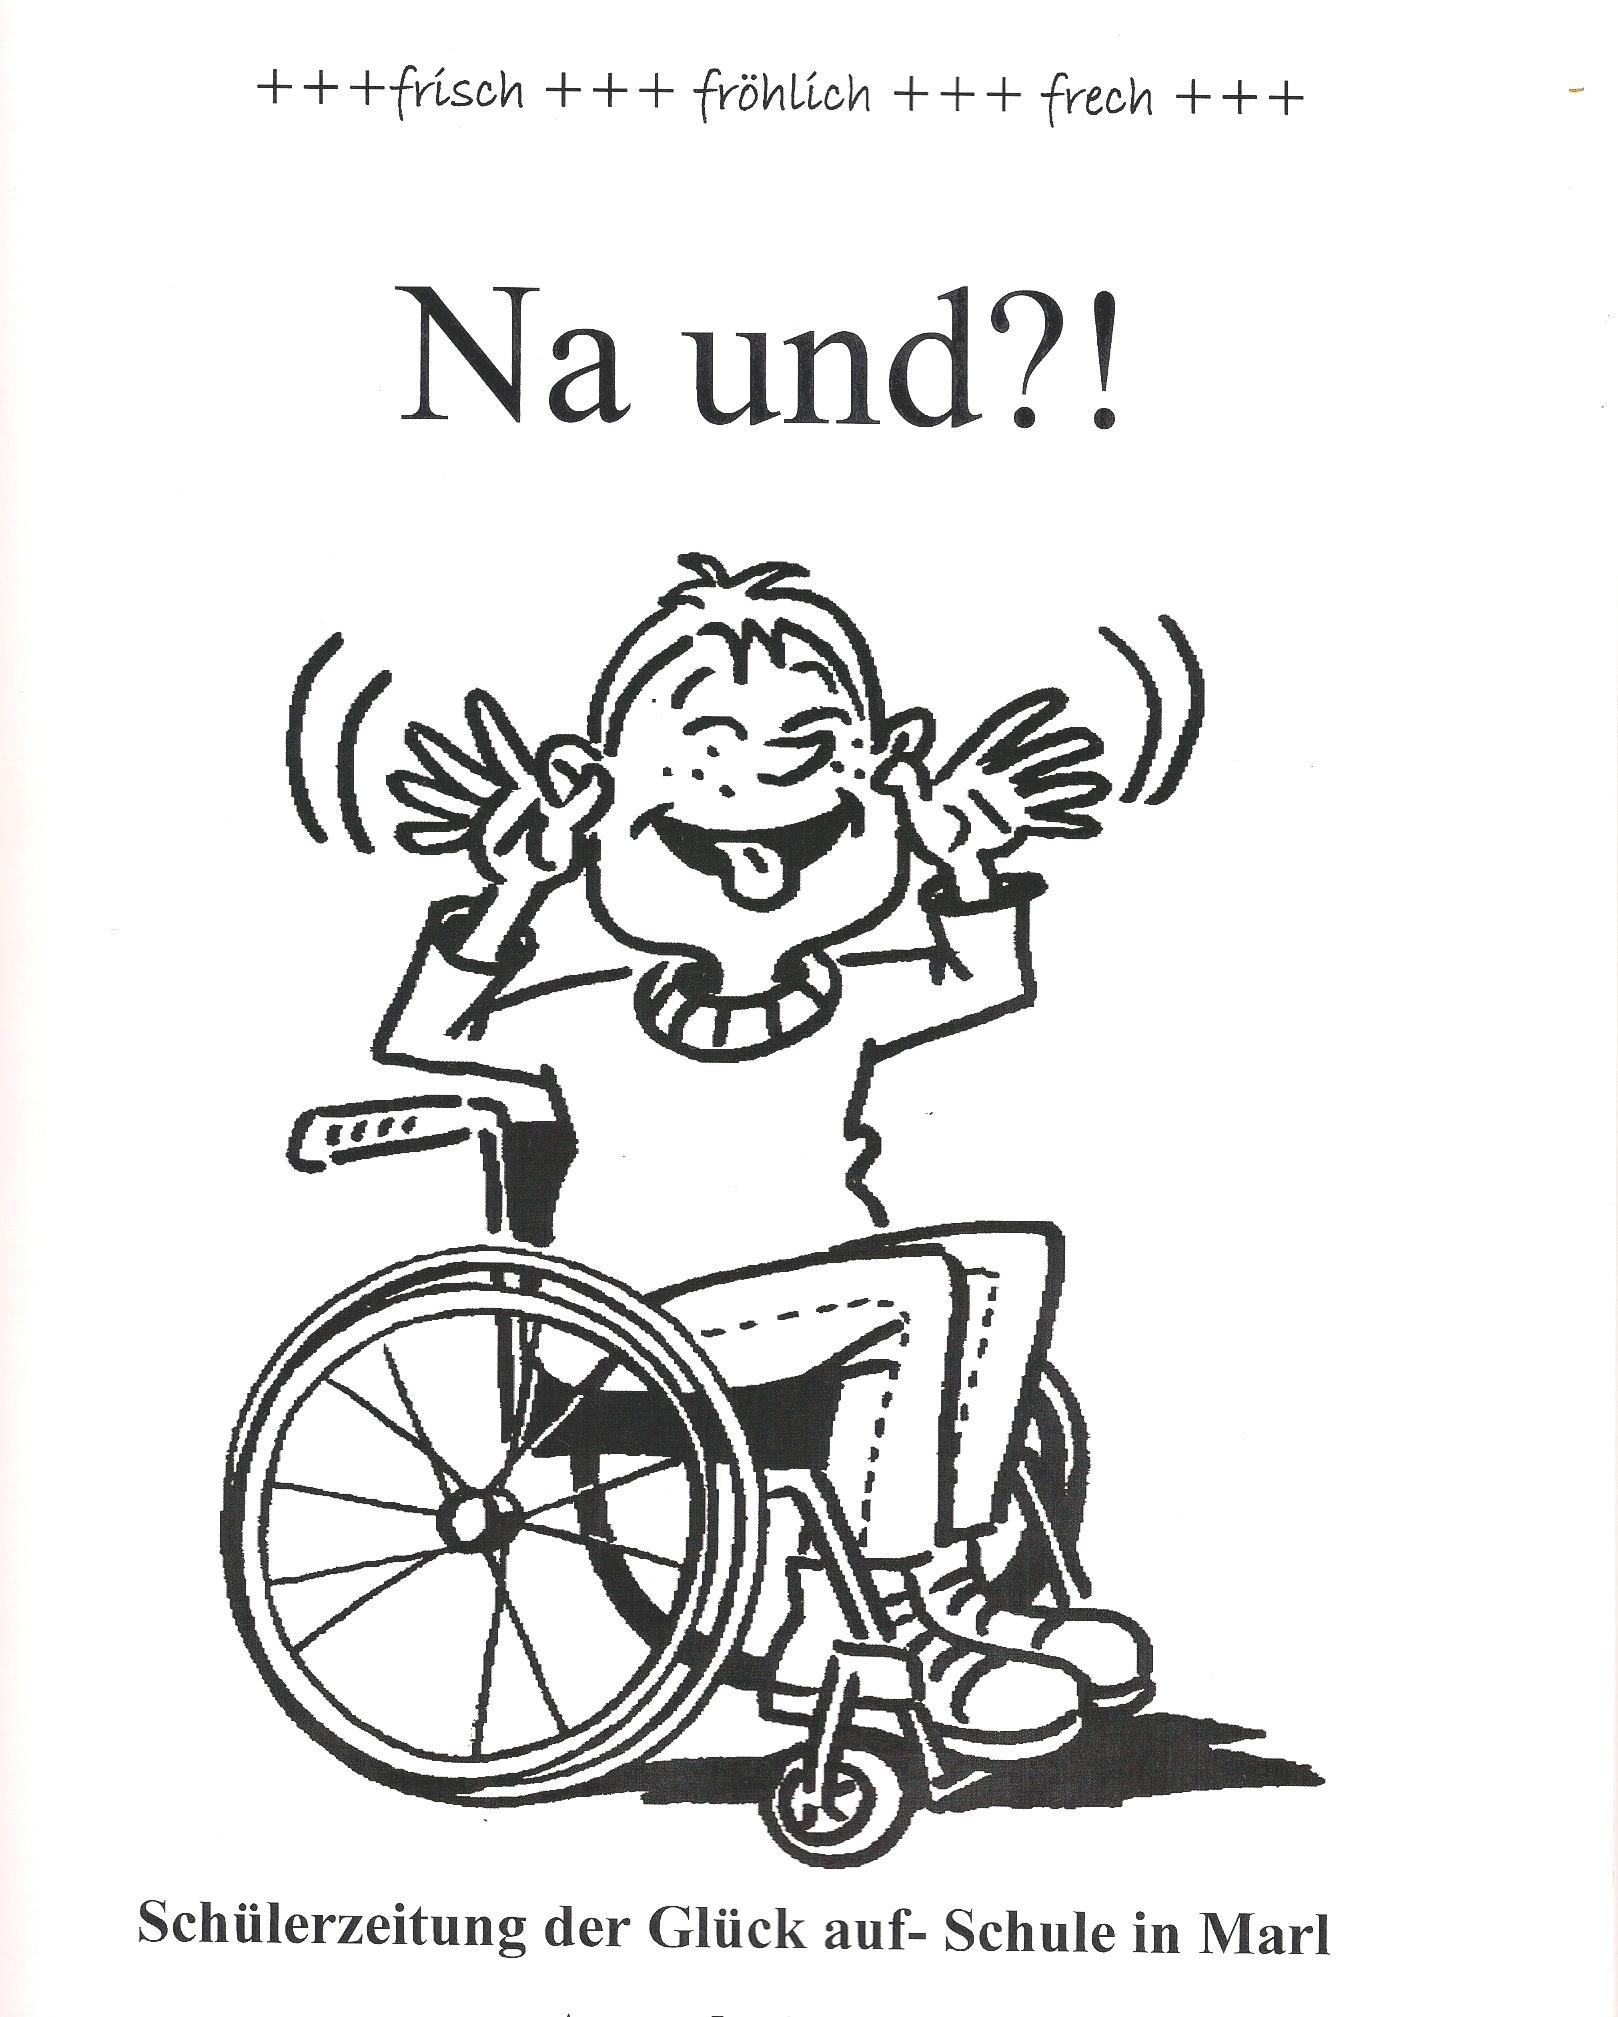 Schulzeitung - Na und?!